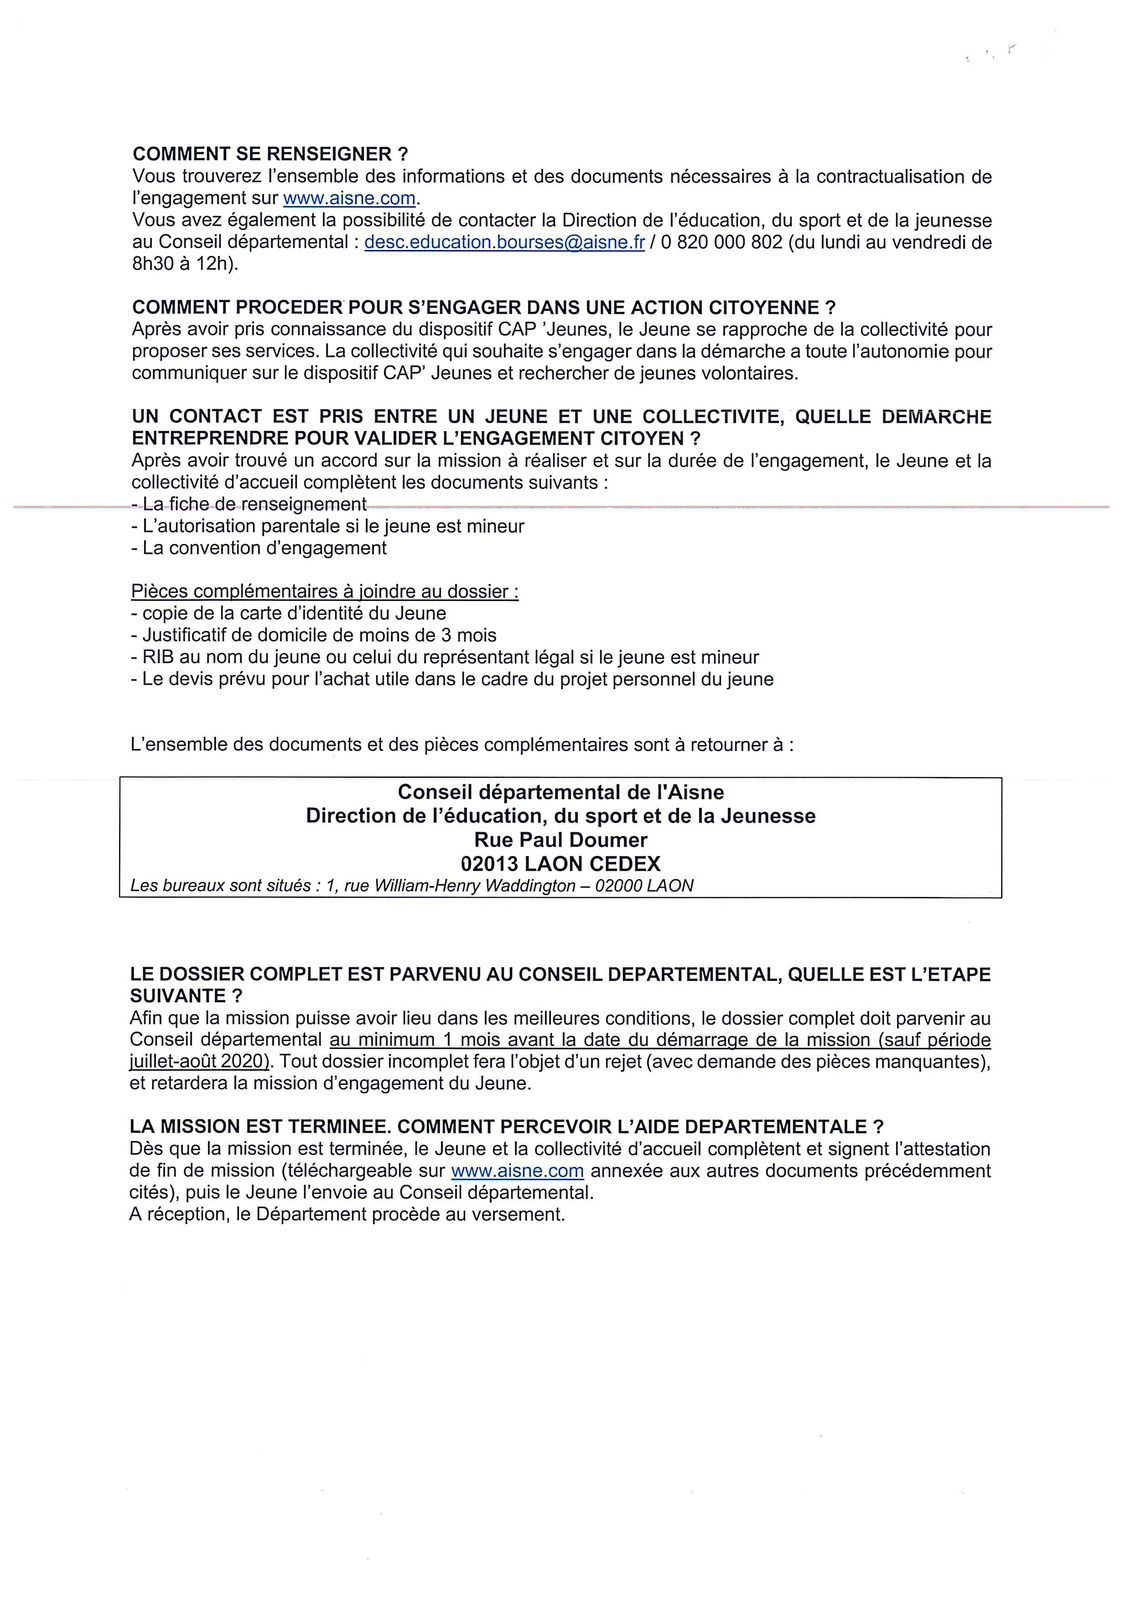 Nouveau: Contrat Aisne Partenariat pour les Jeunes. CAP'Jeunes